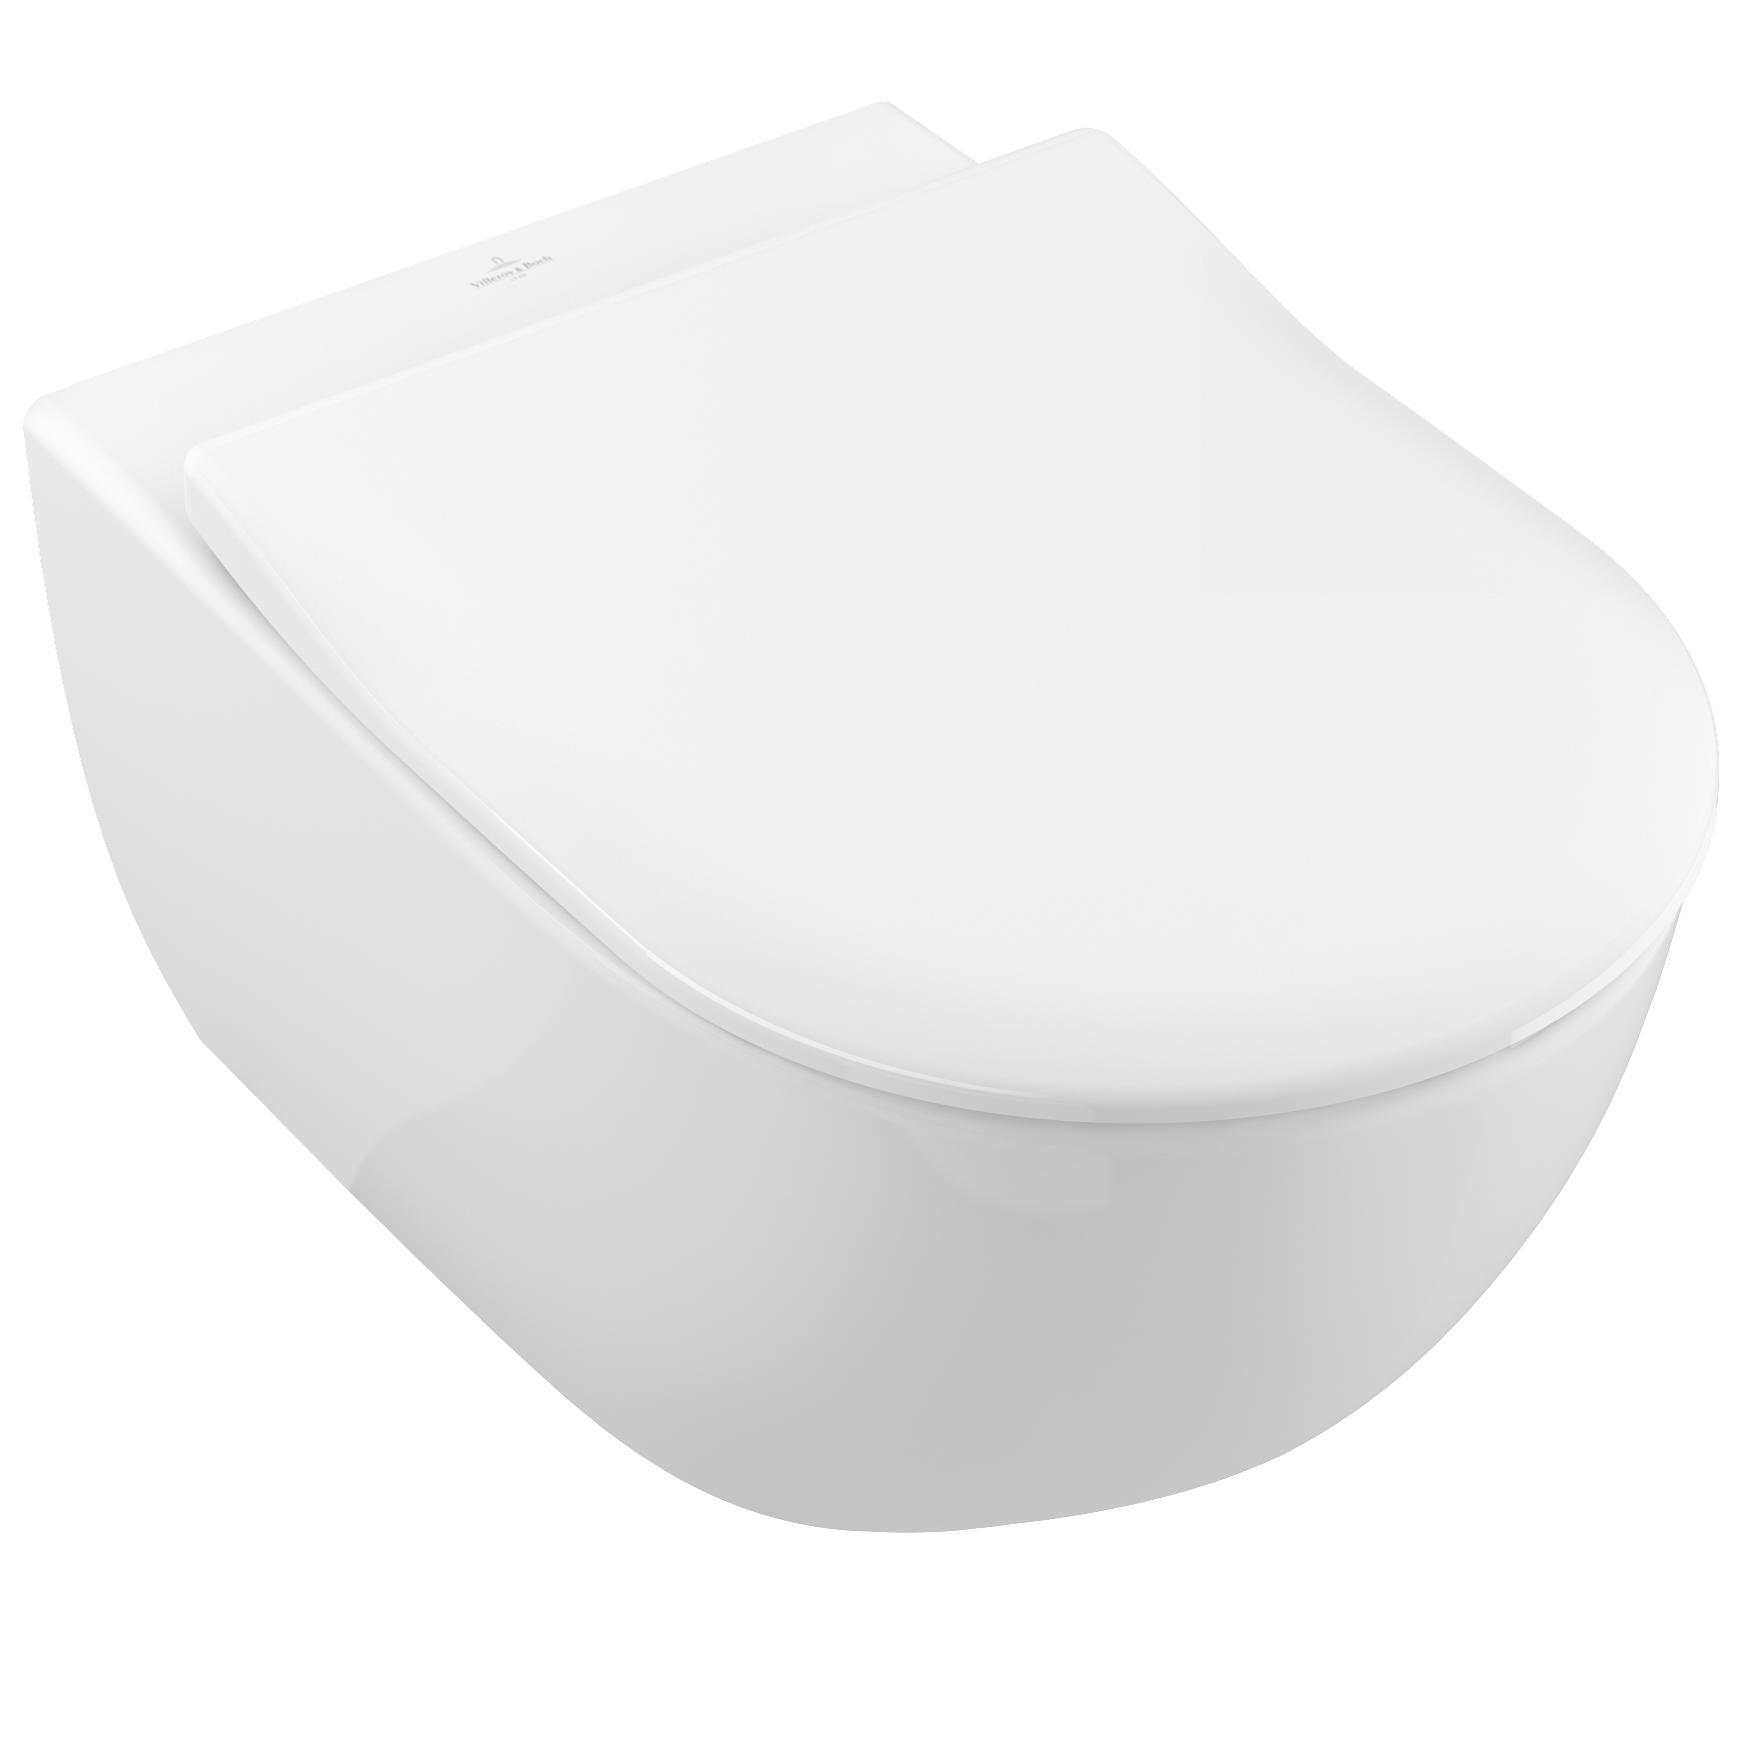 Vägghängd Toalettstol Villeroy & Boch Subway 2.0 med DirectFlush